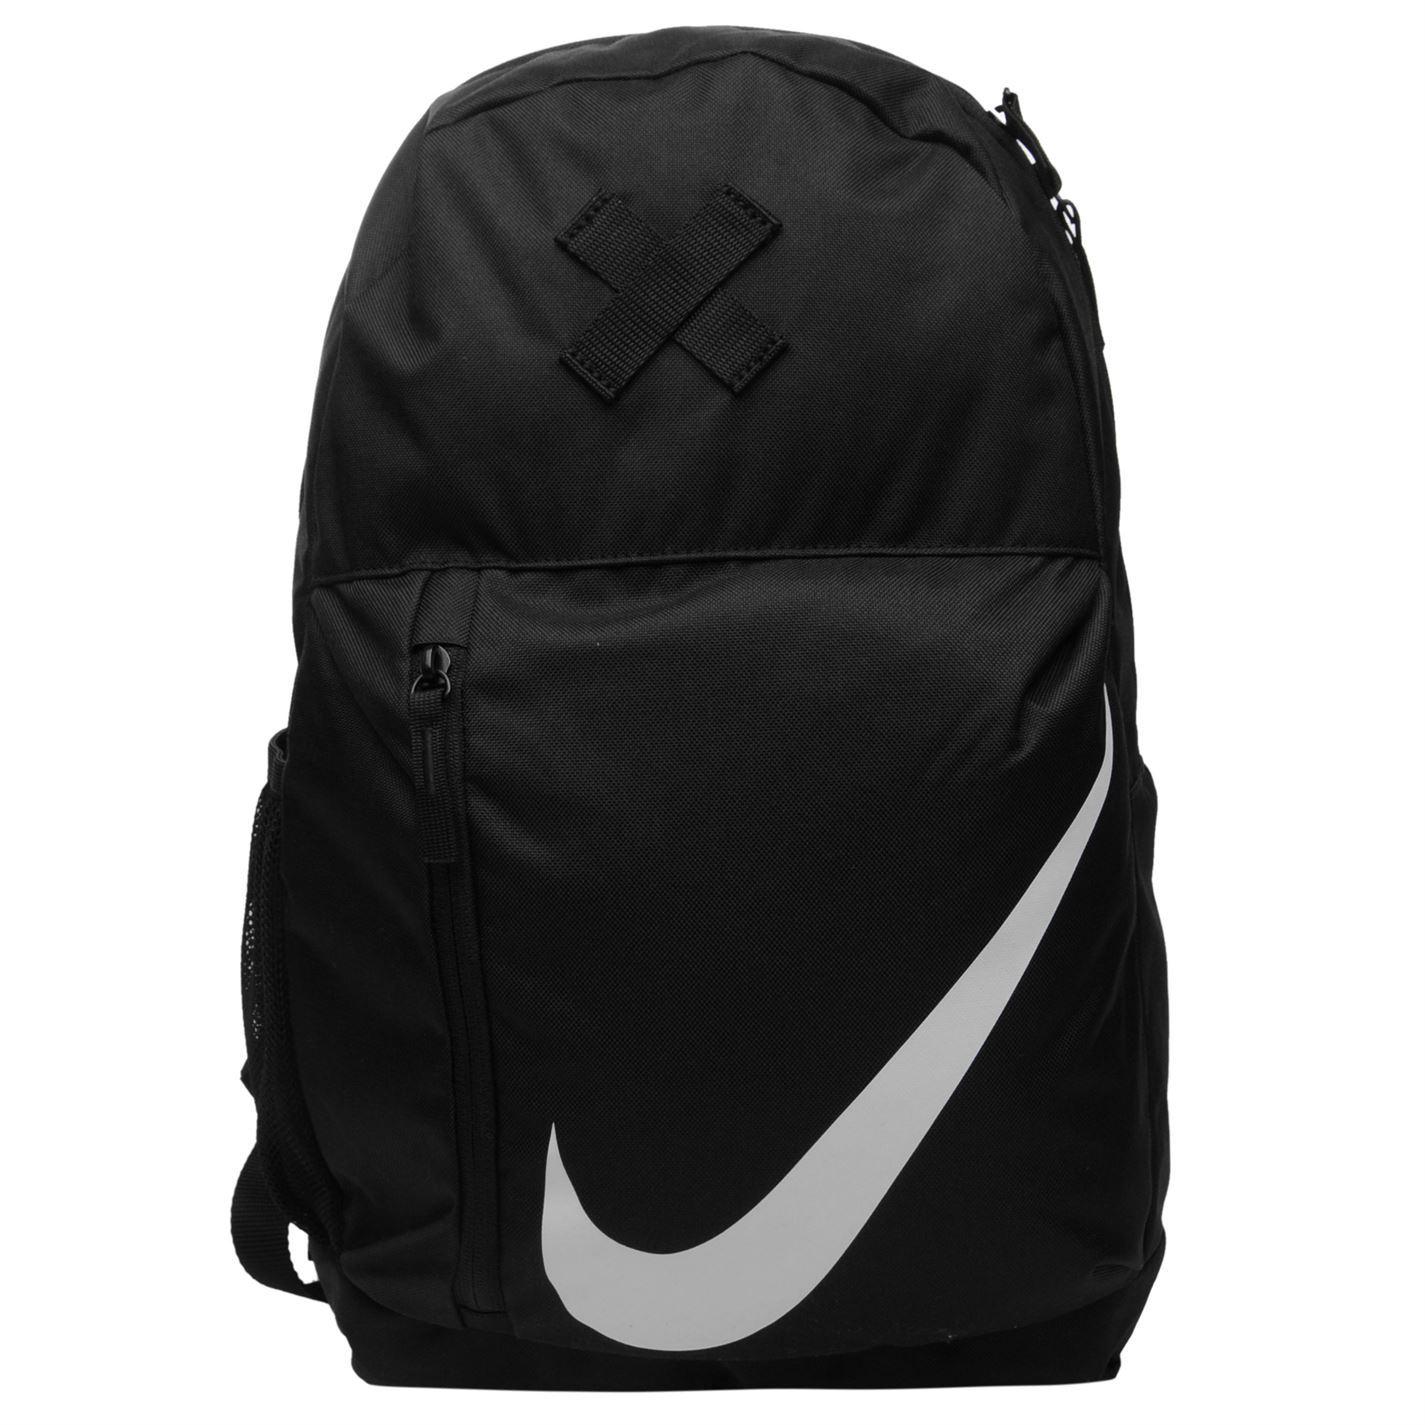 Nike Elemental Backpack Black White Sports Gym Bag Rucksack Carryall ... 5a3e81435bbba